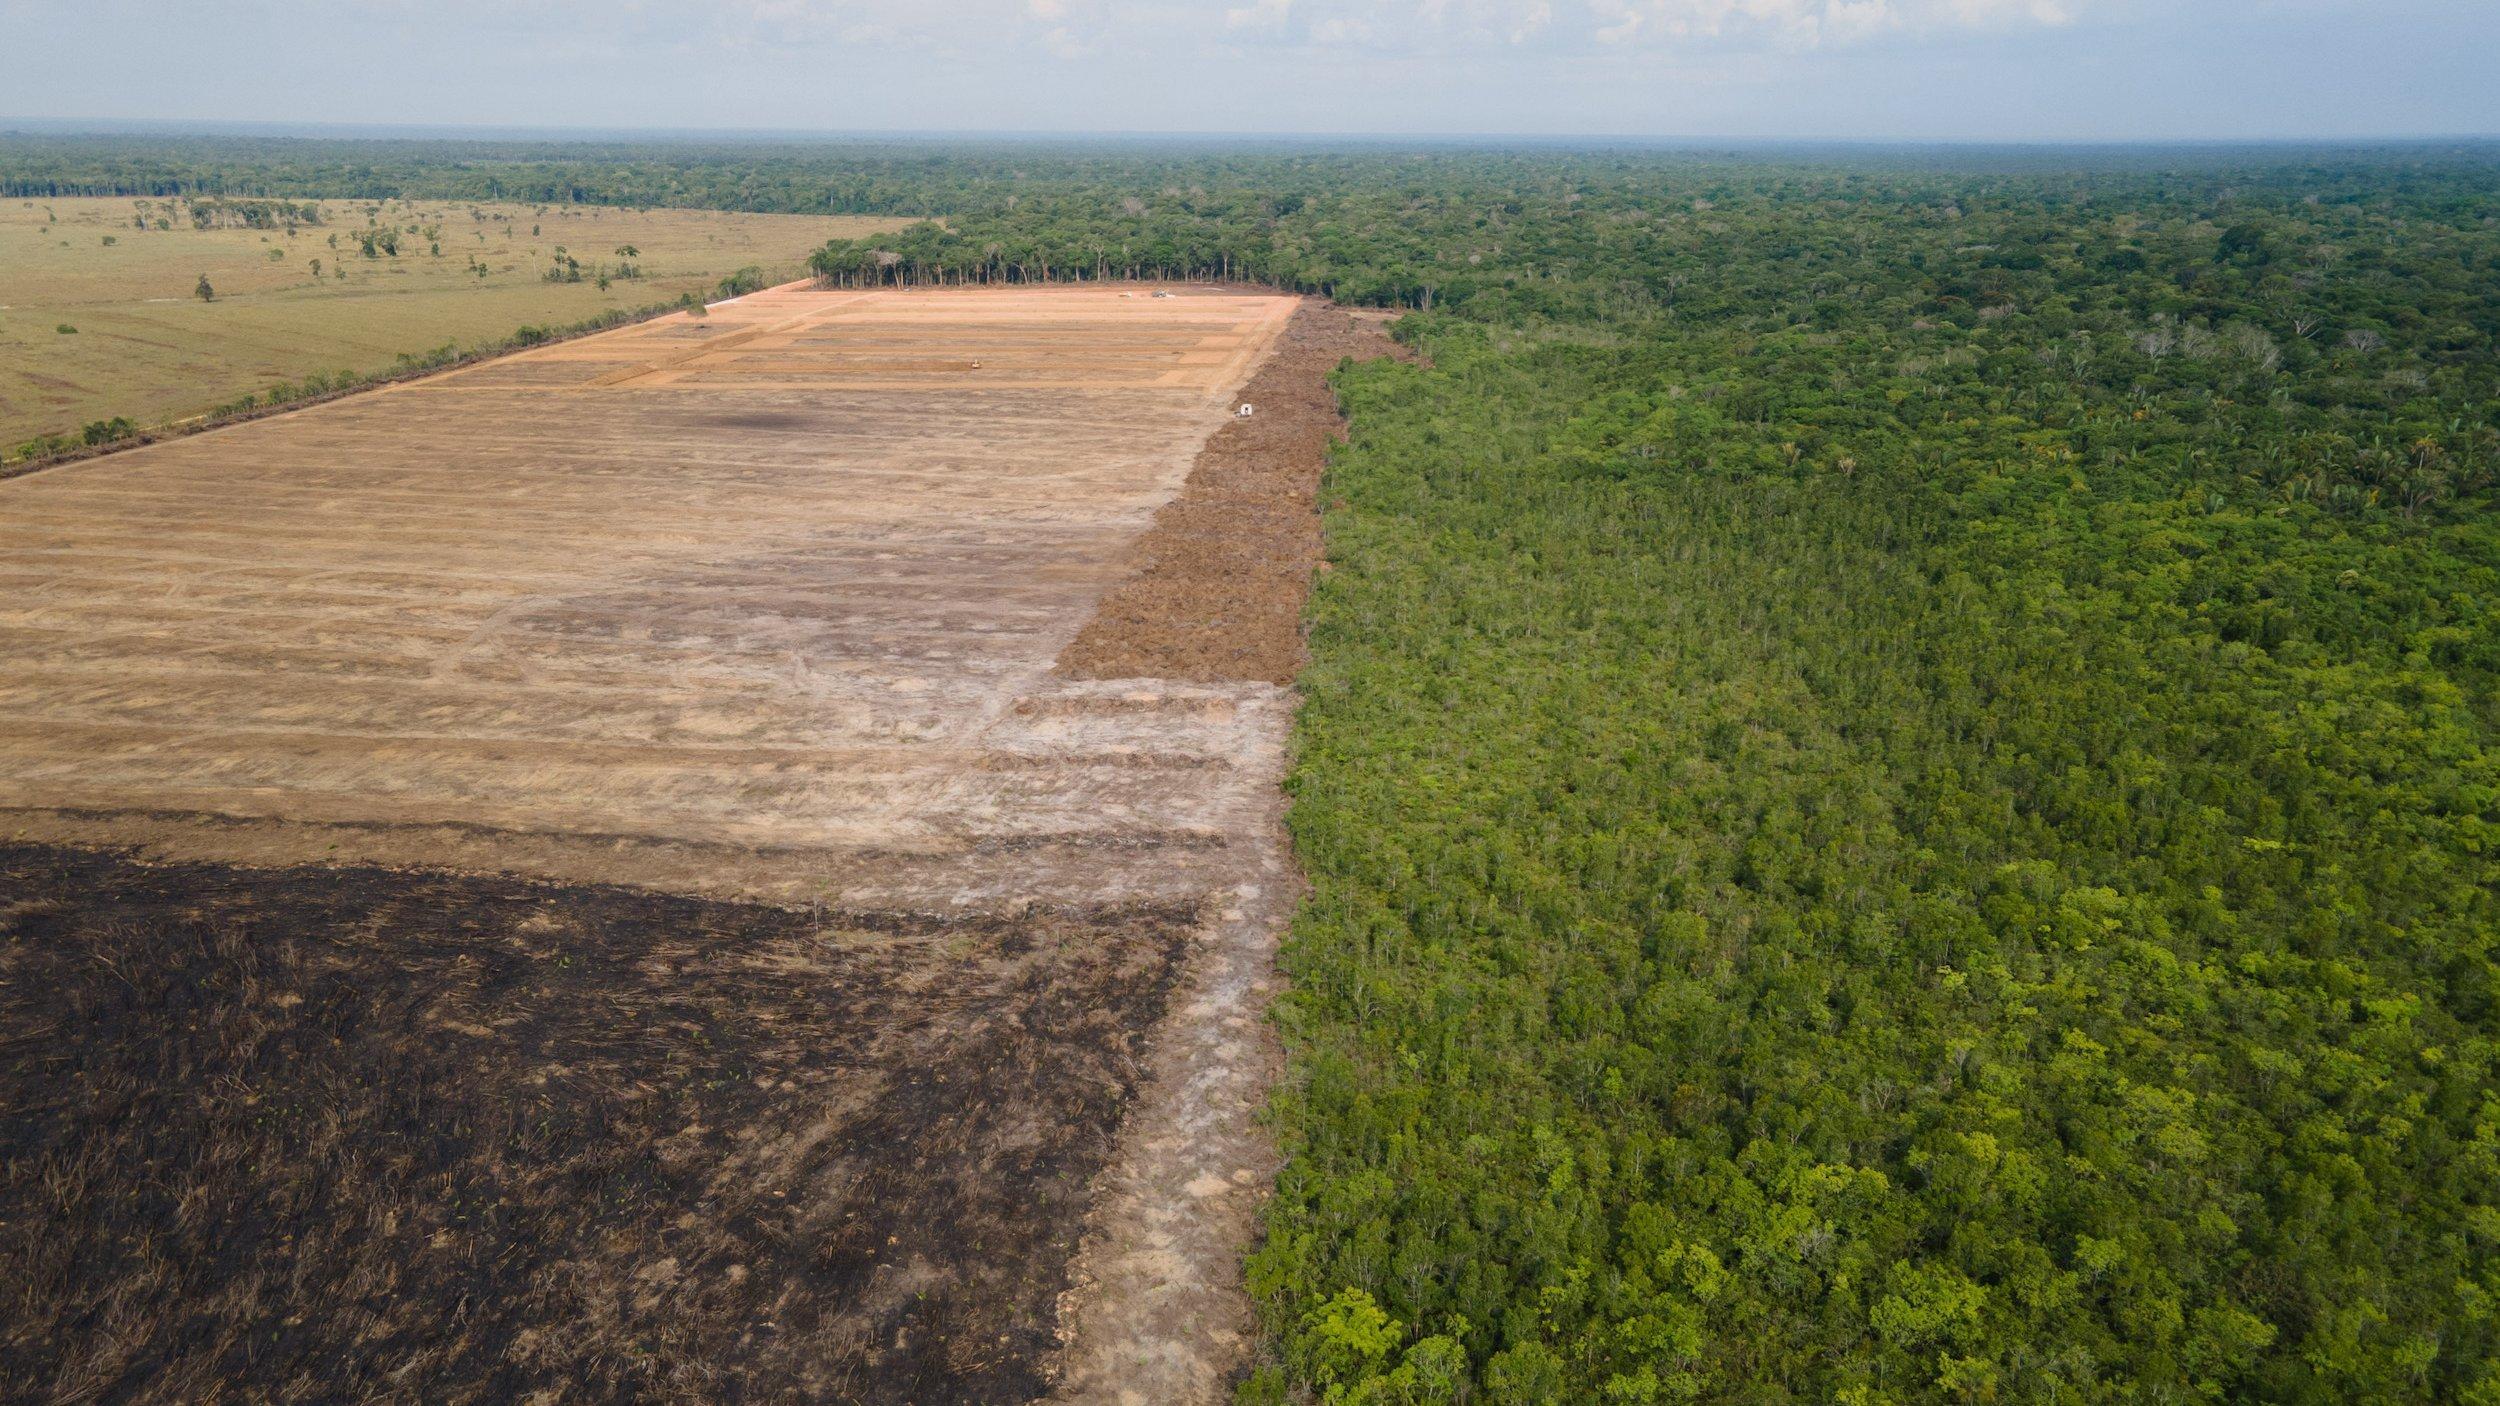 Ein Landschaft, von der die linke Hälfte abgebrannt braun ist und die rechte Hälfte grüner Regenwald.